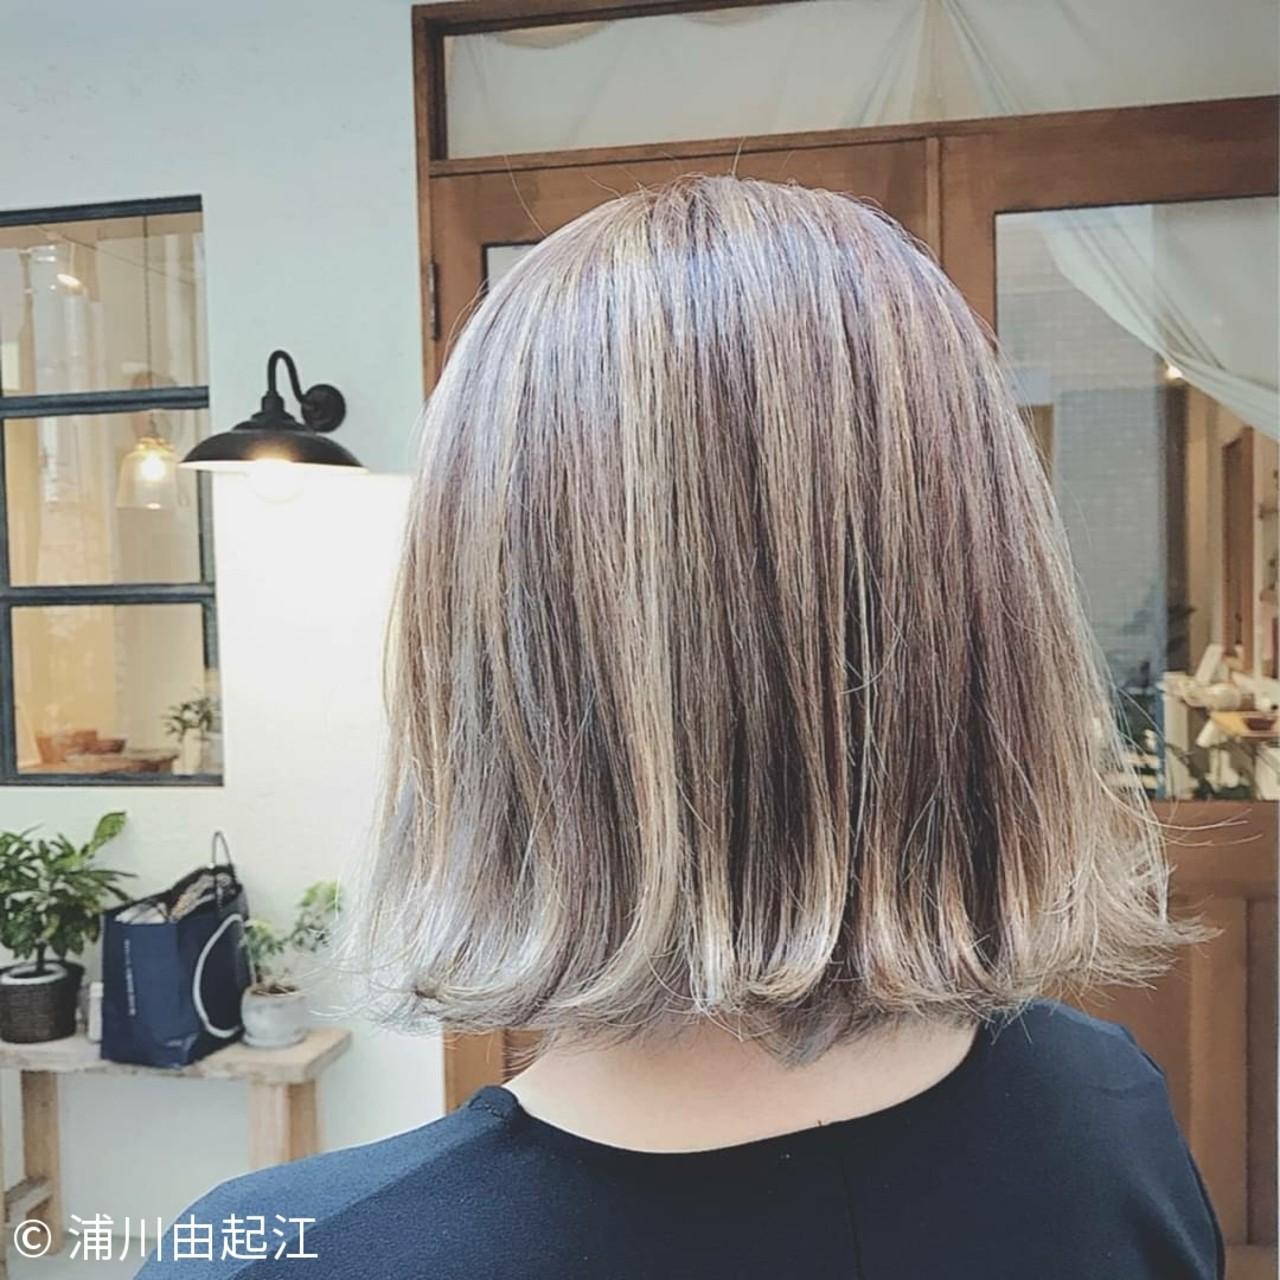 ボブ 切りっぱなしボブ 大人かわいい グラデーションカラー ヘアスタイルや髪型の写真・画像 | 浦川由起江 / nanon